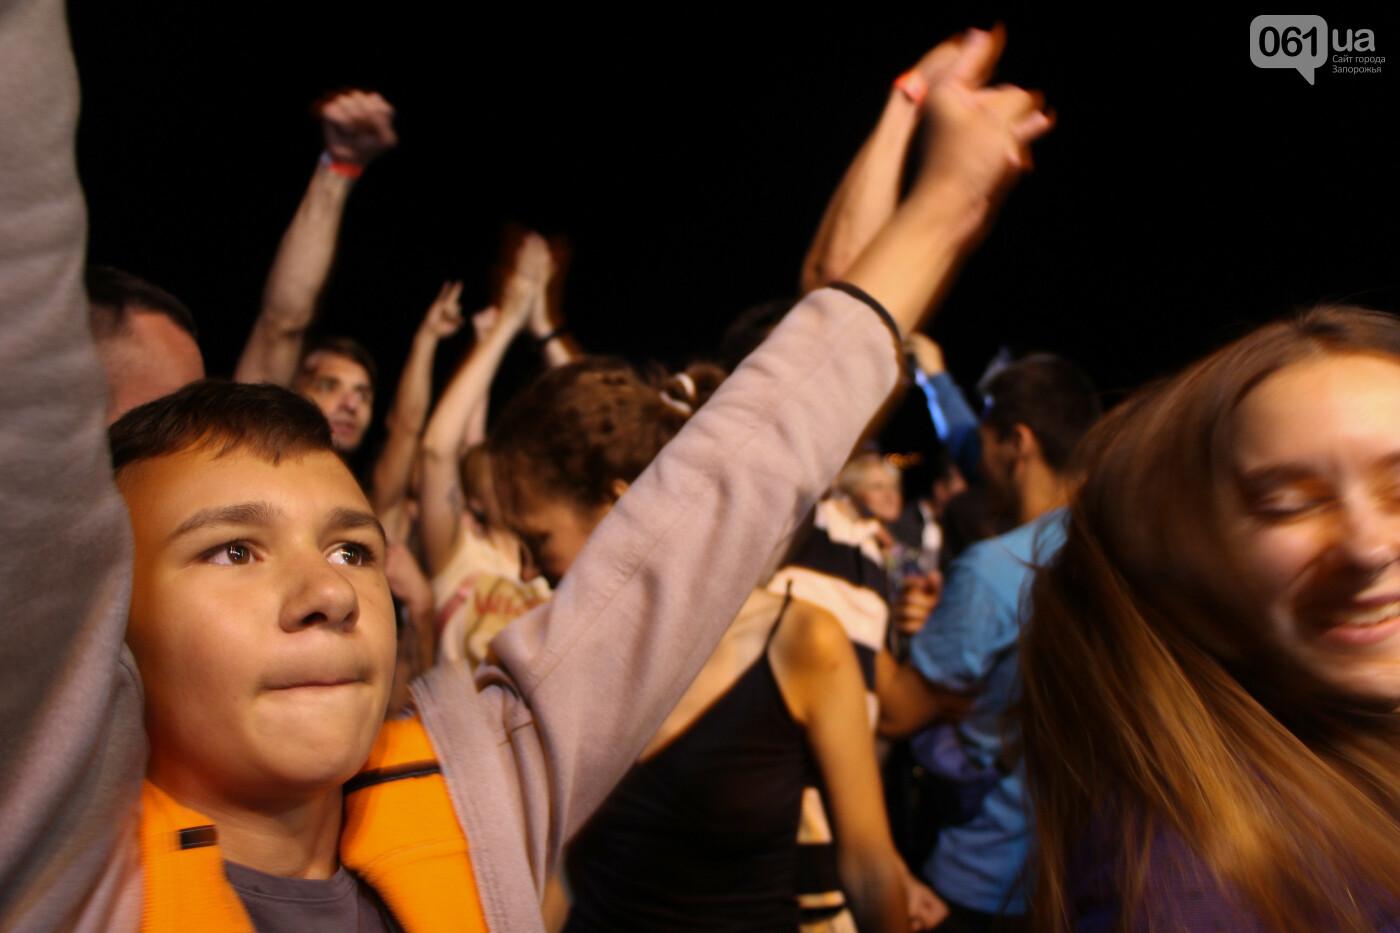 Концерт группы «Жадан і Собаки» собрал сотни запорожцев: как это было, - ФОТОРЕПОРТАЖ, фото-4